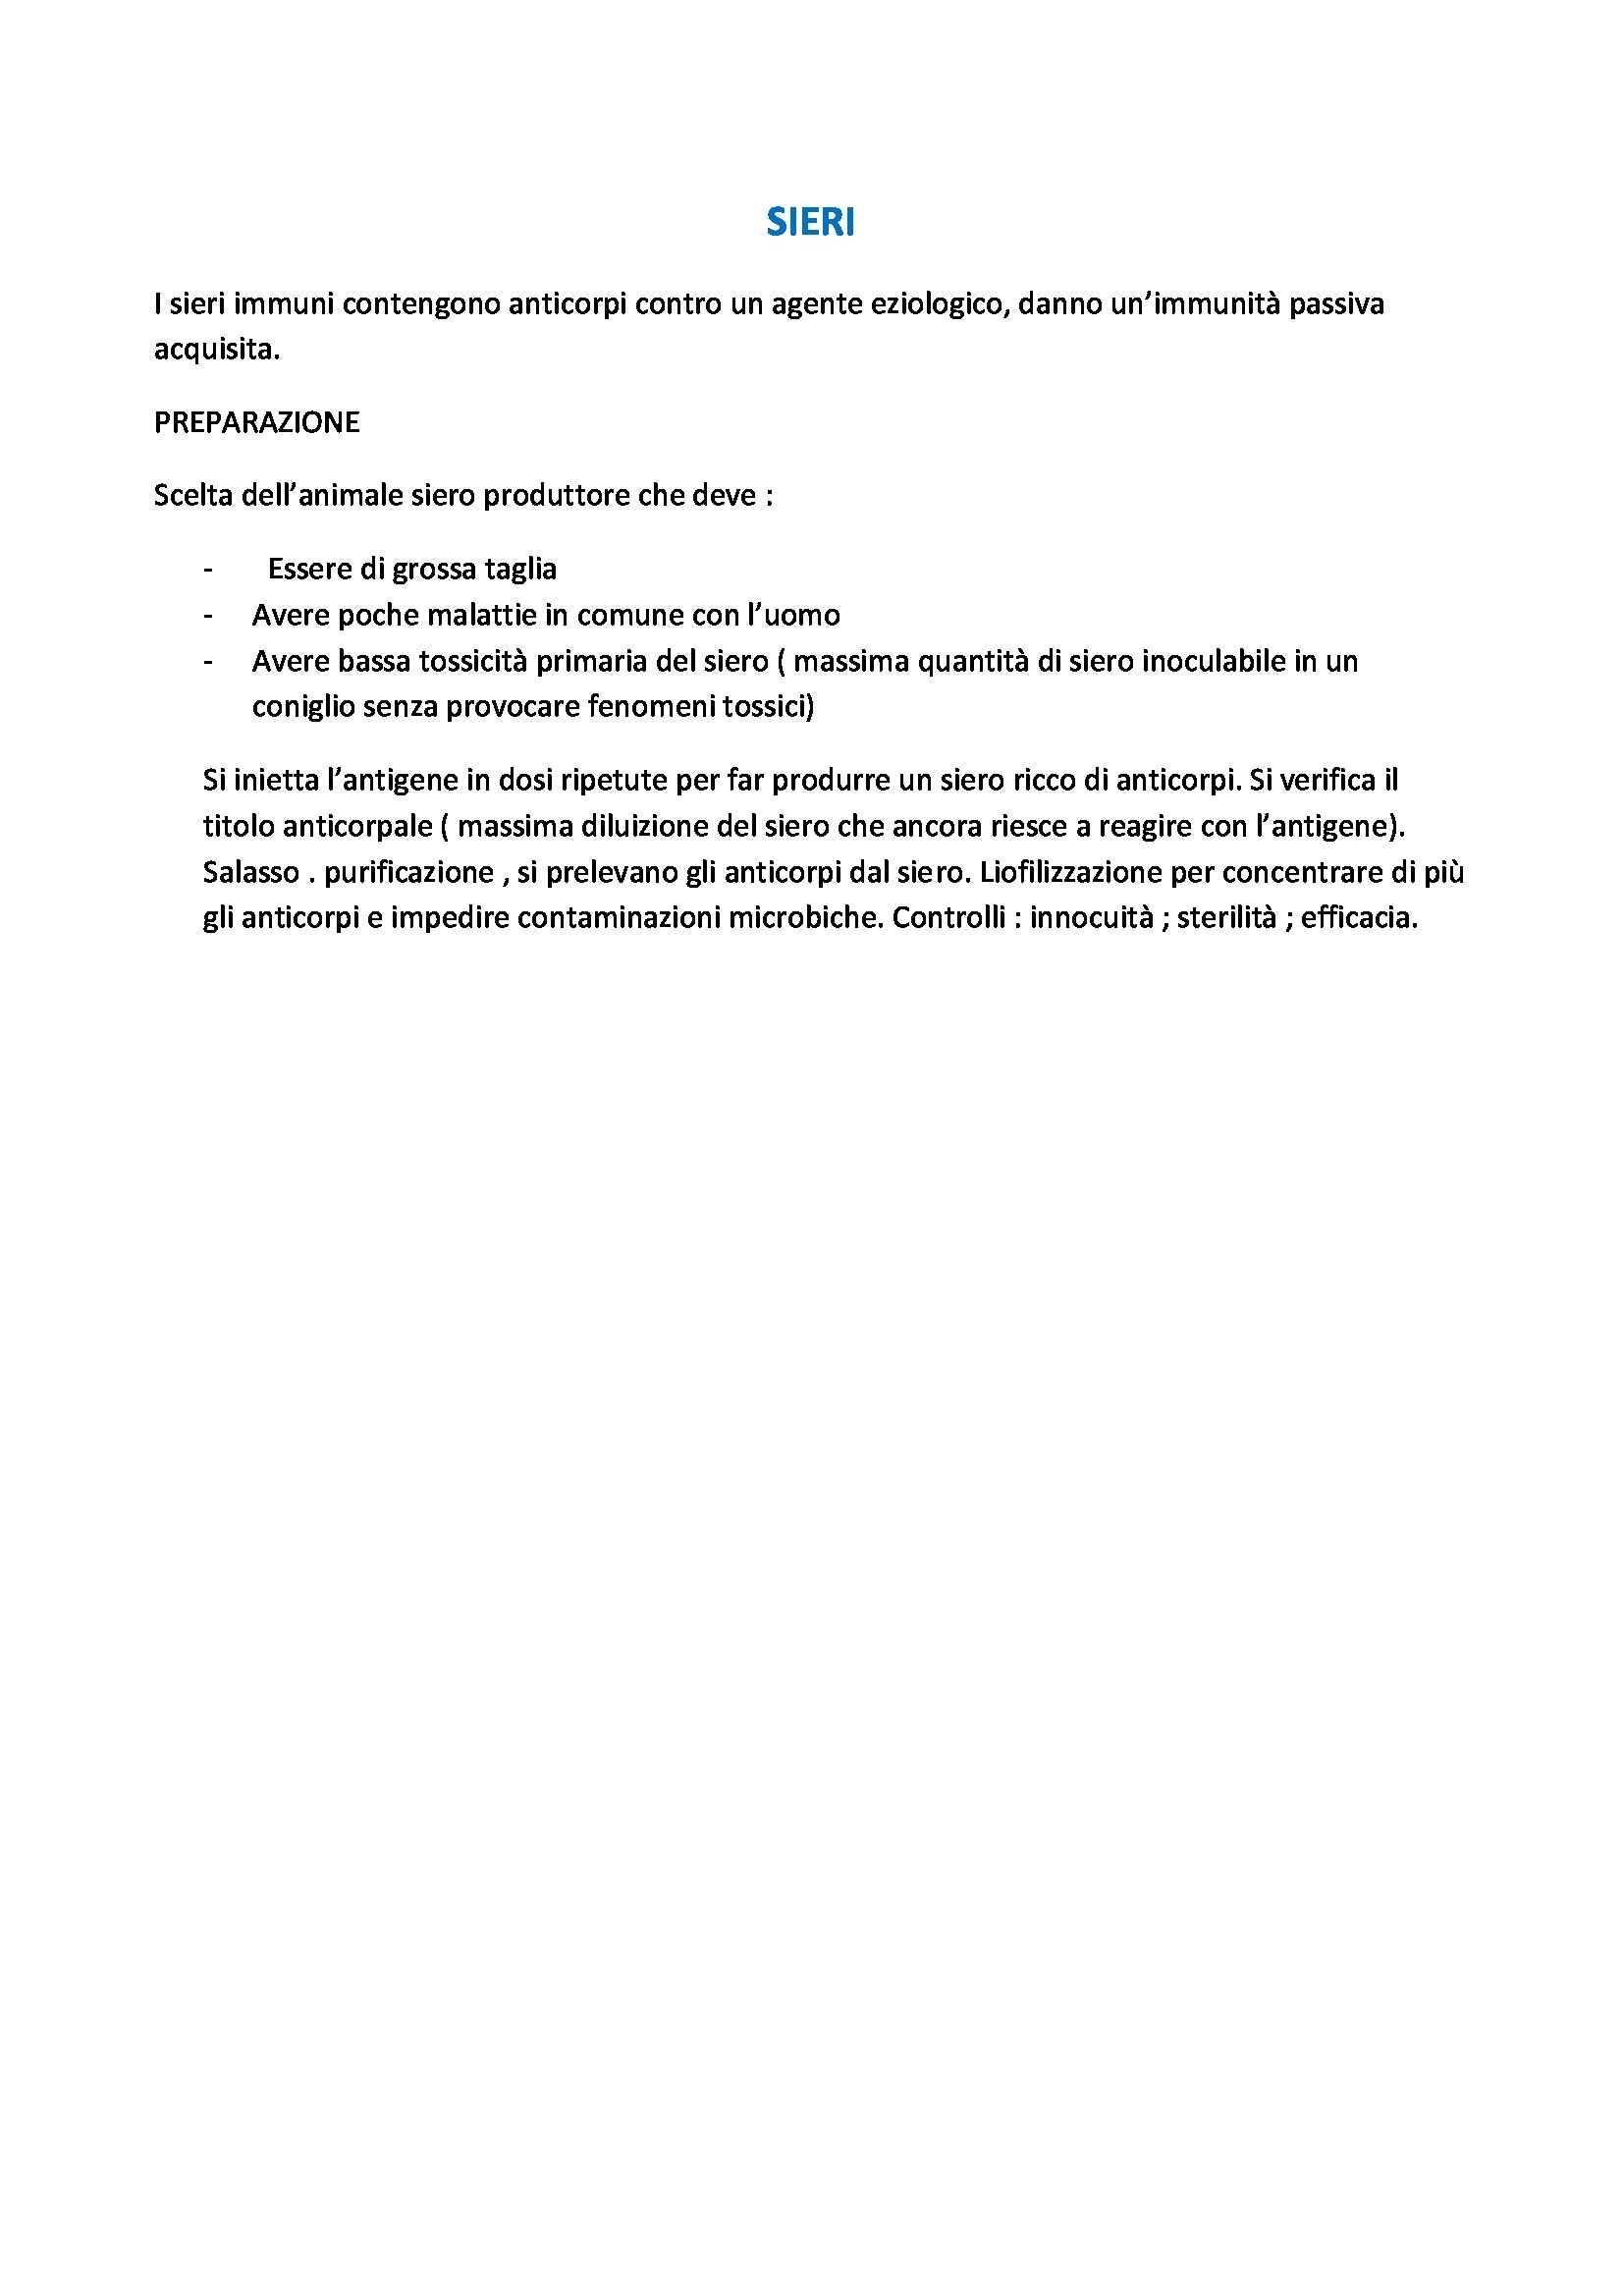 Igiene e parassitologia - Appunti Pag. 31